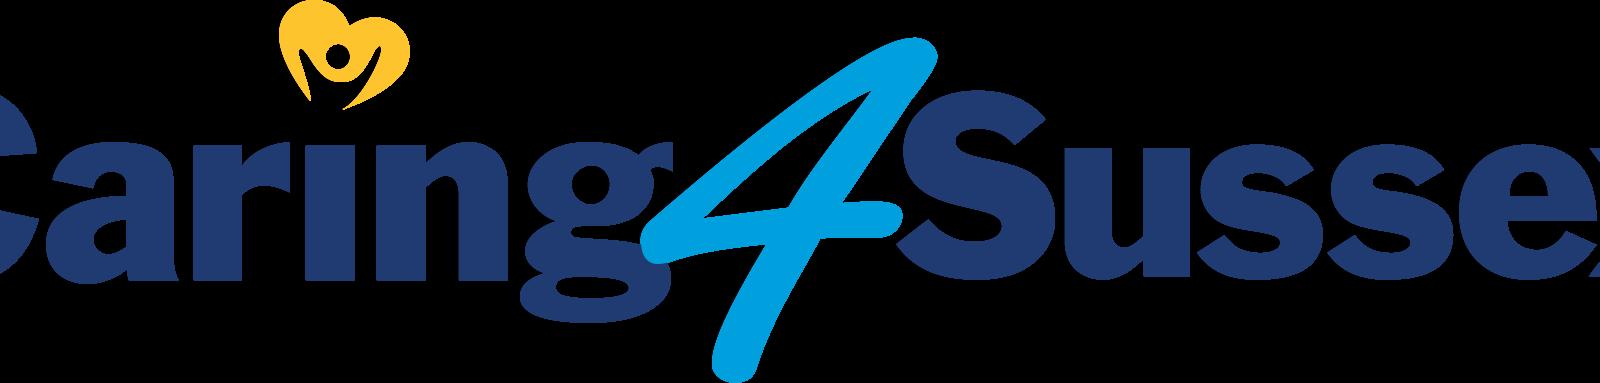 Caring 4 Sussex logo